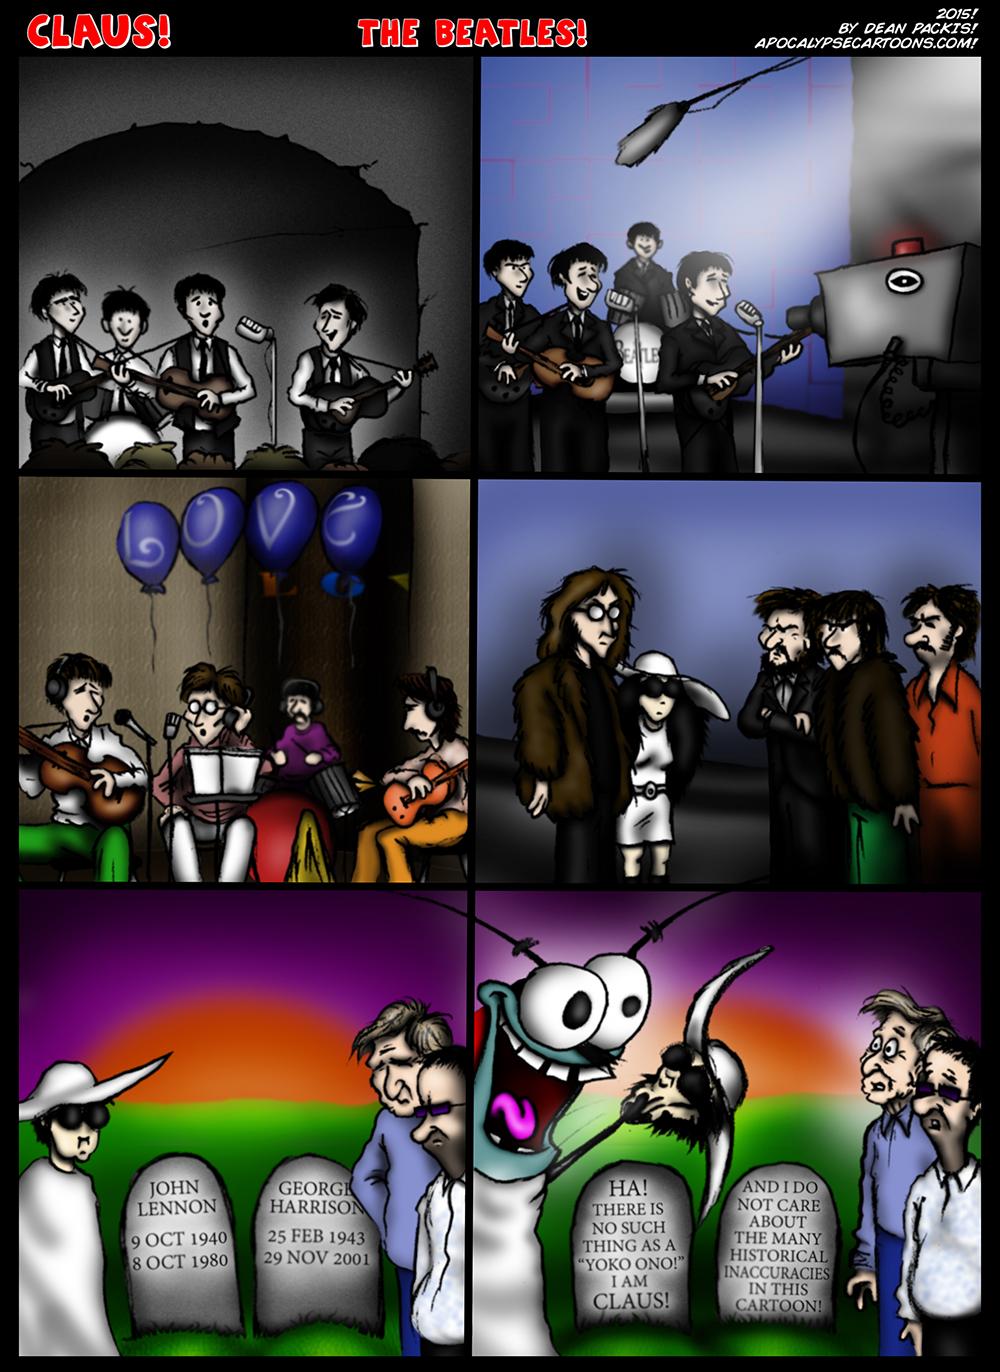 Claus comic 012